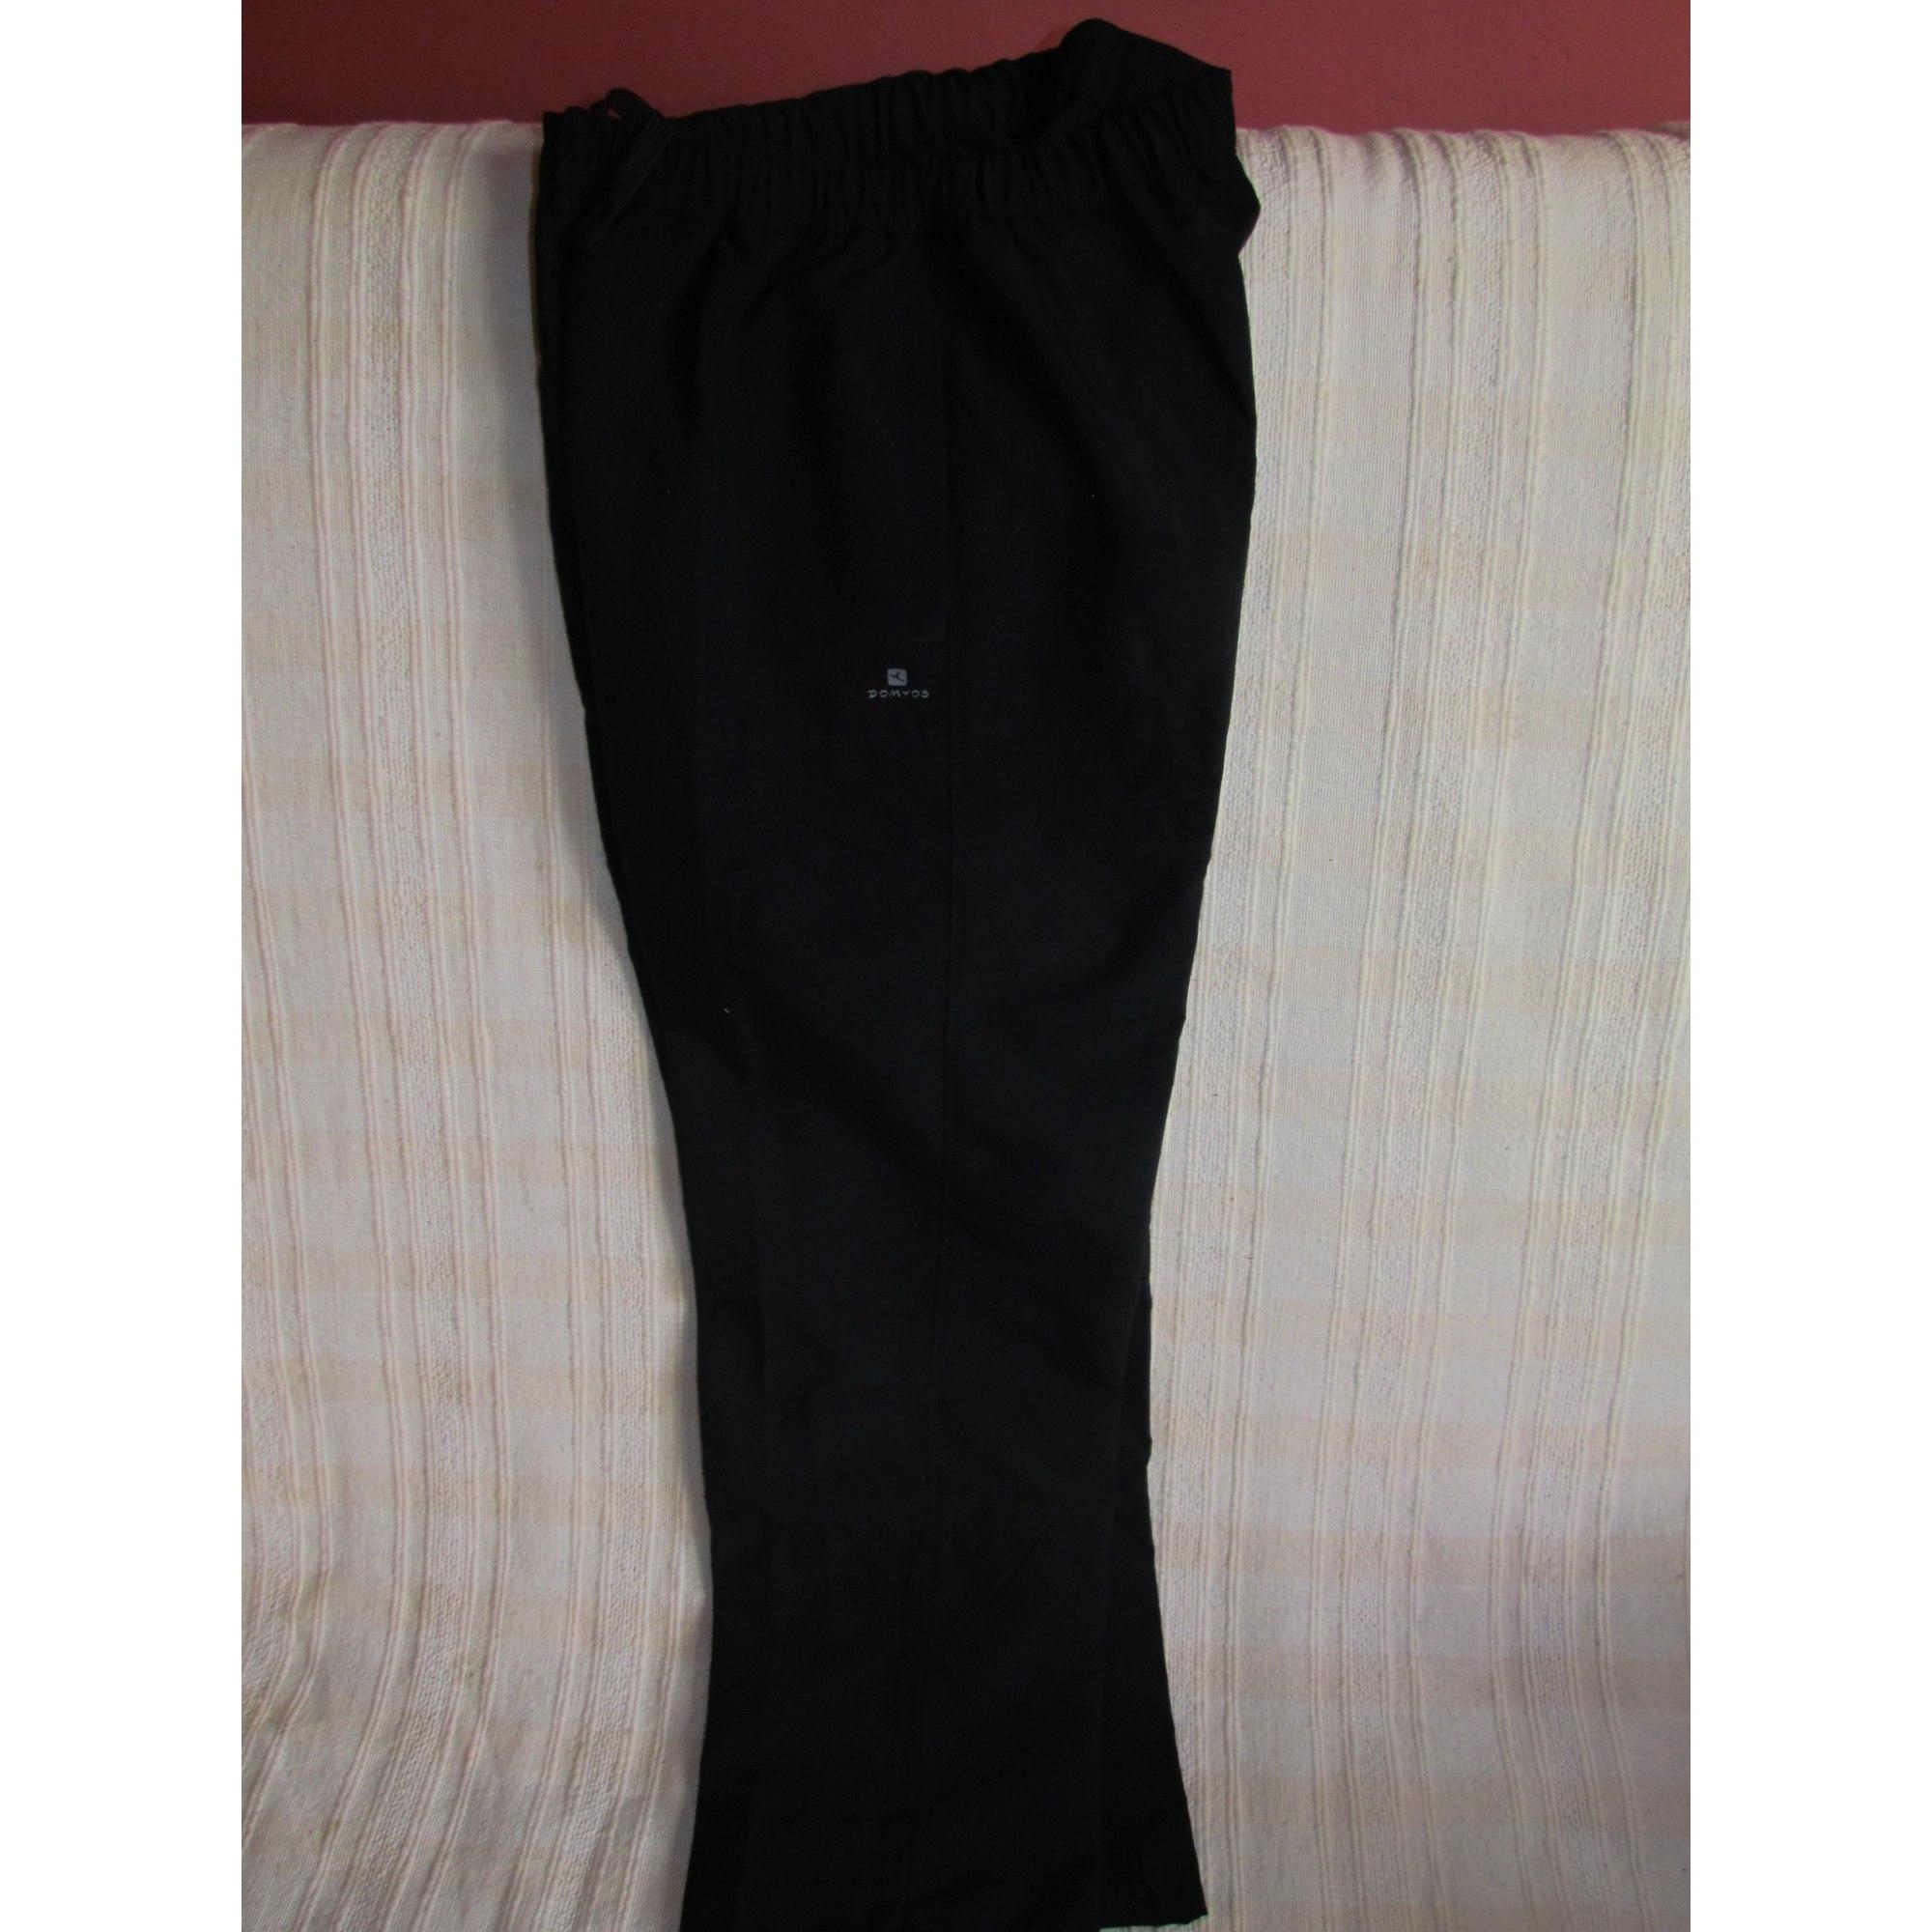 Pantalon de survêtement DOMYOS Noir